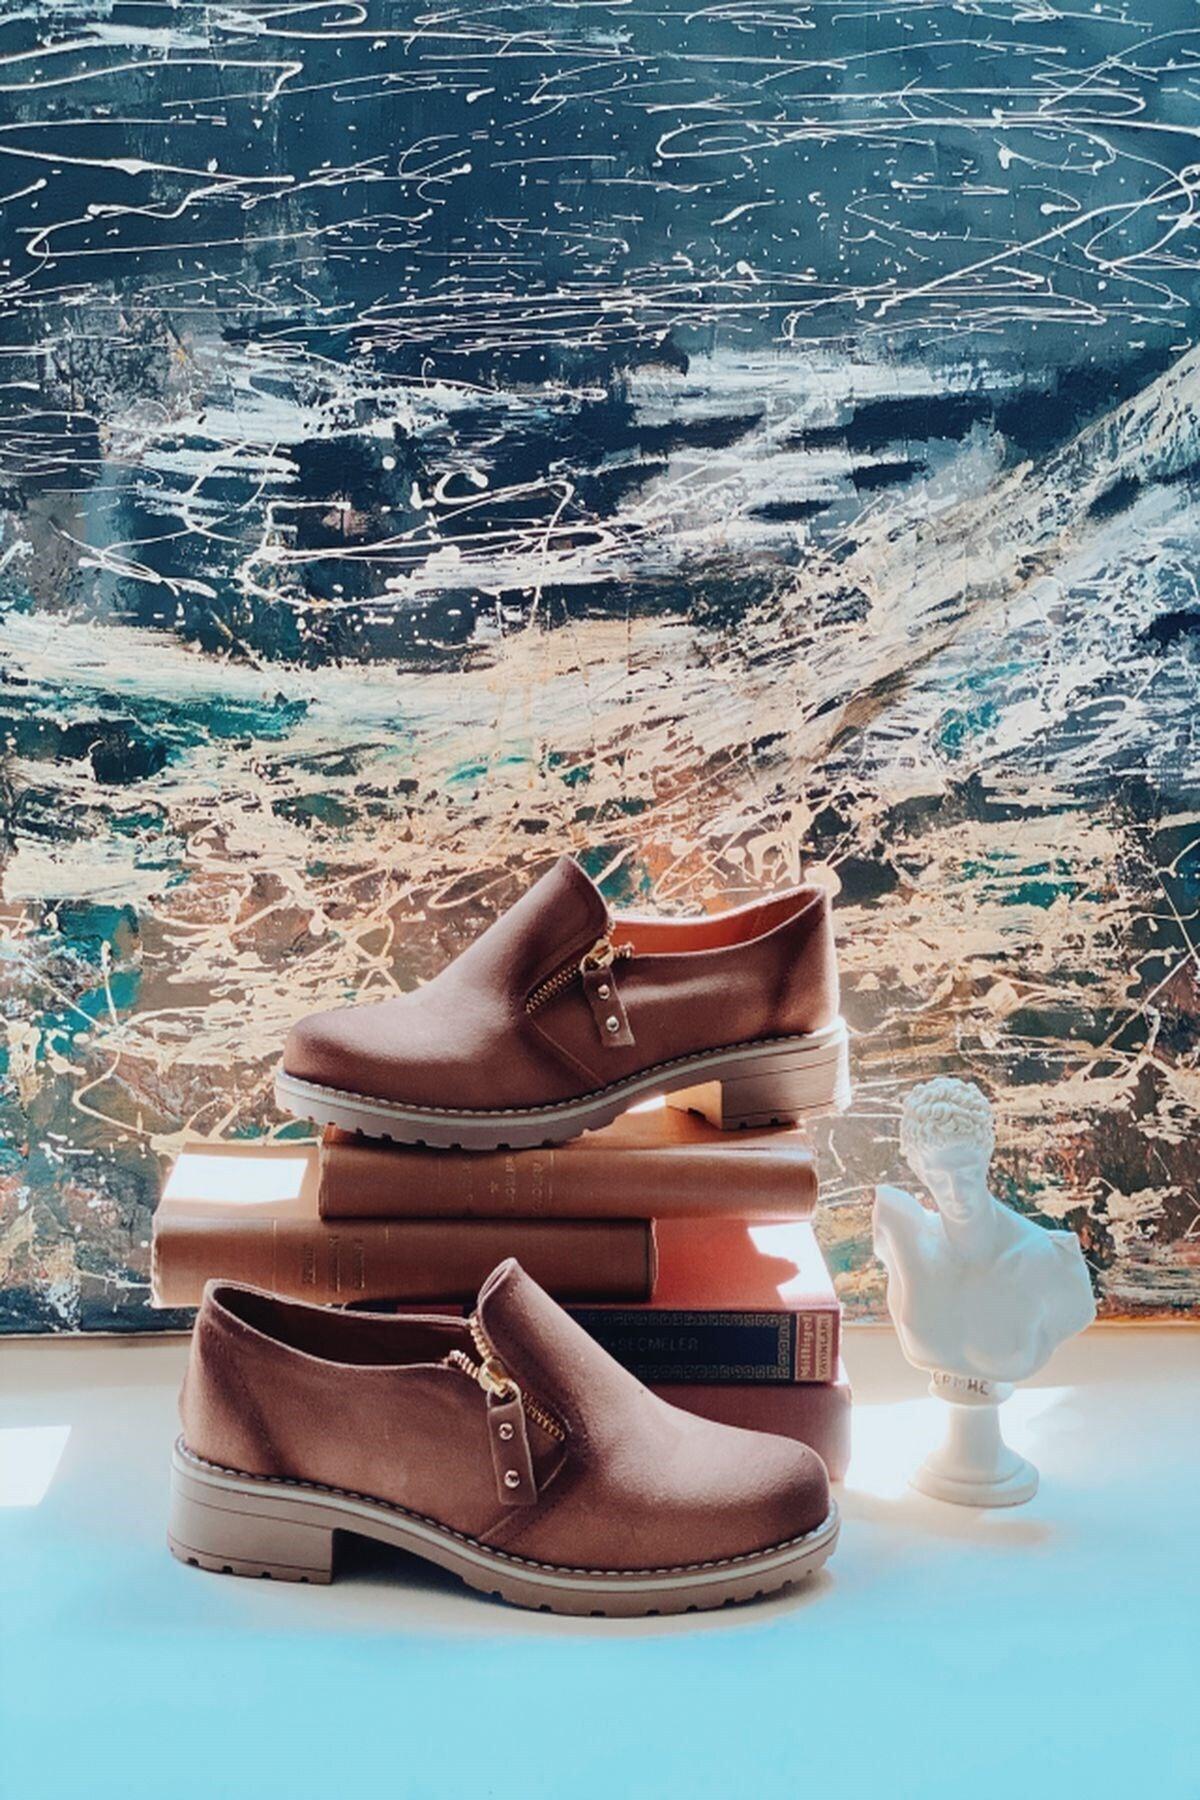 Arma Shoes Kadın Fermuarlı Süet Ayakkabı 1